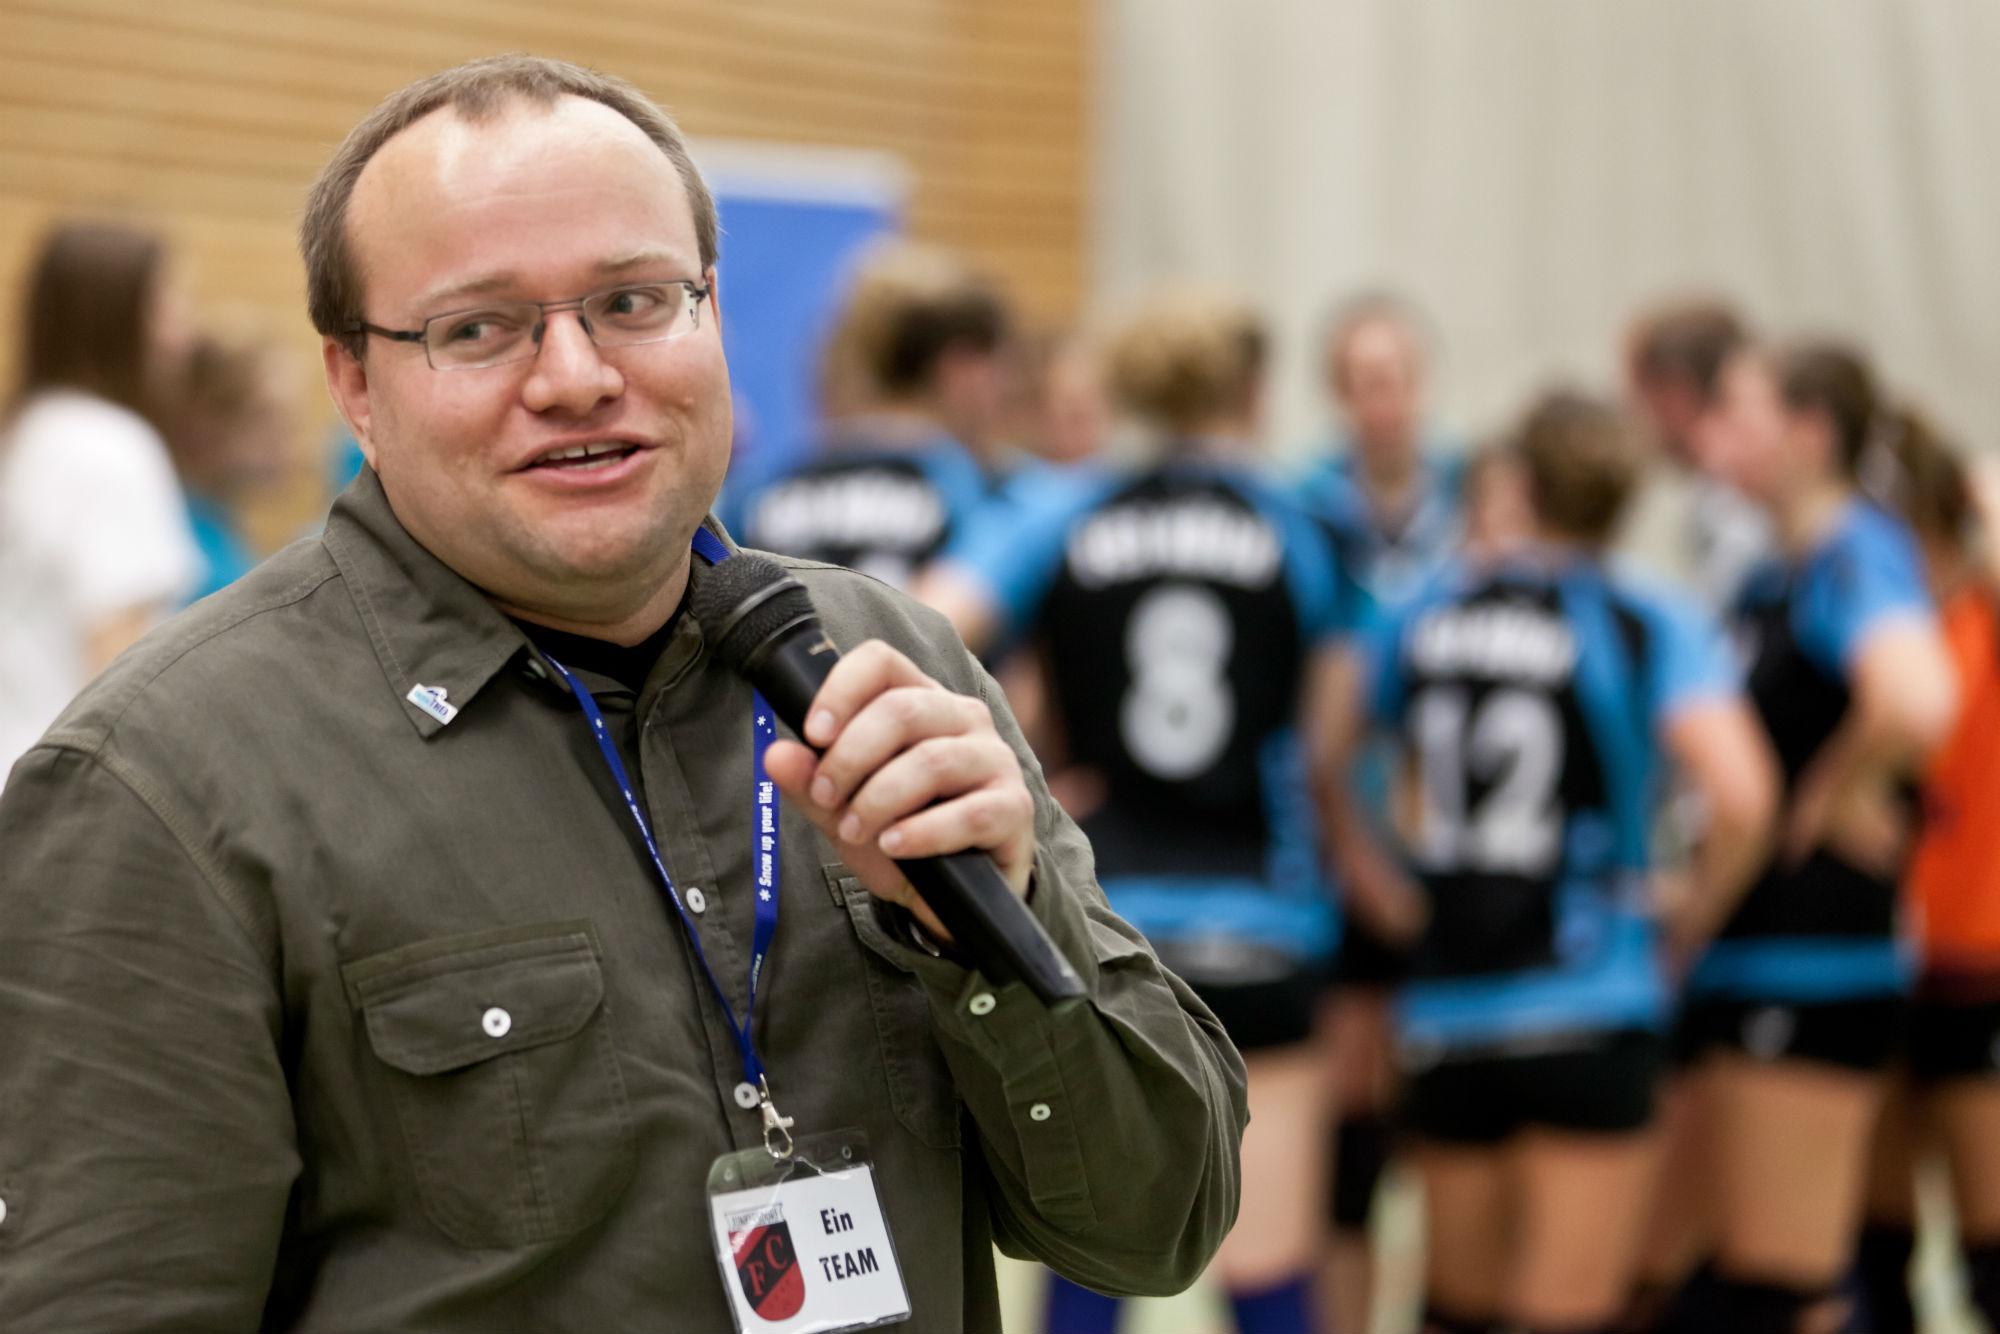 Dr Bartel Klein